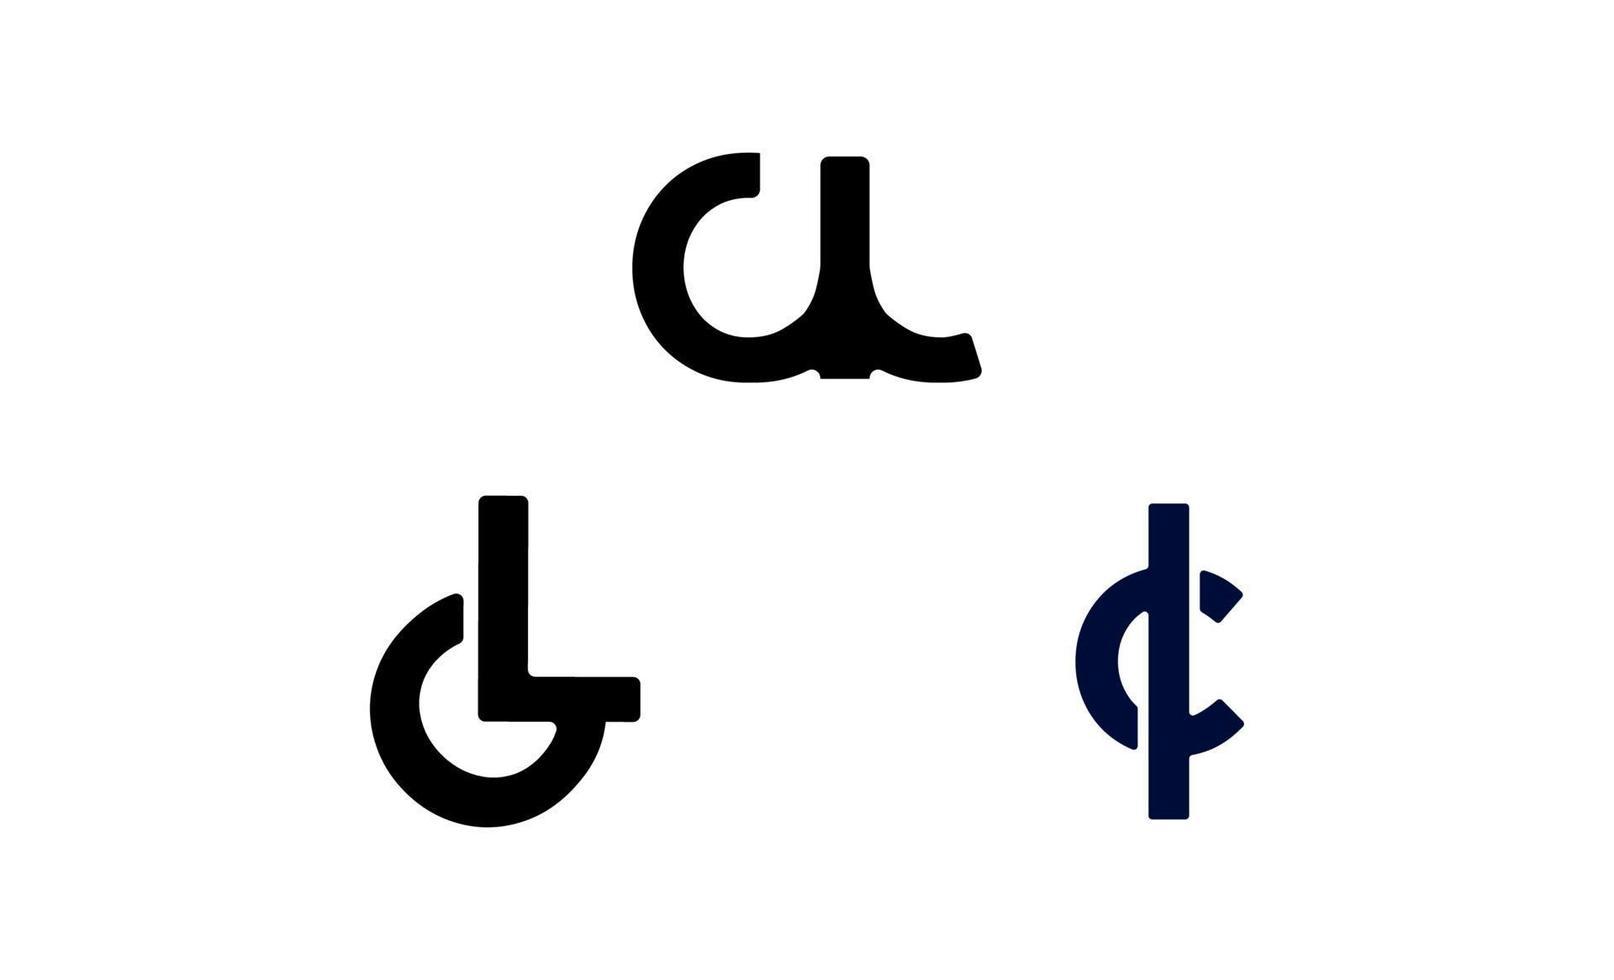 lettera iniziale cl, lc logo design template vector